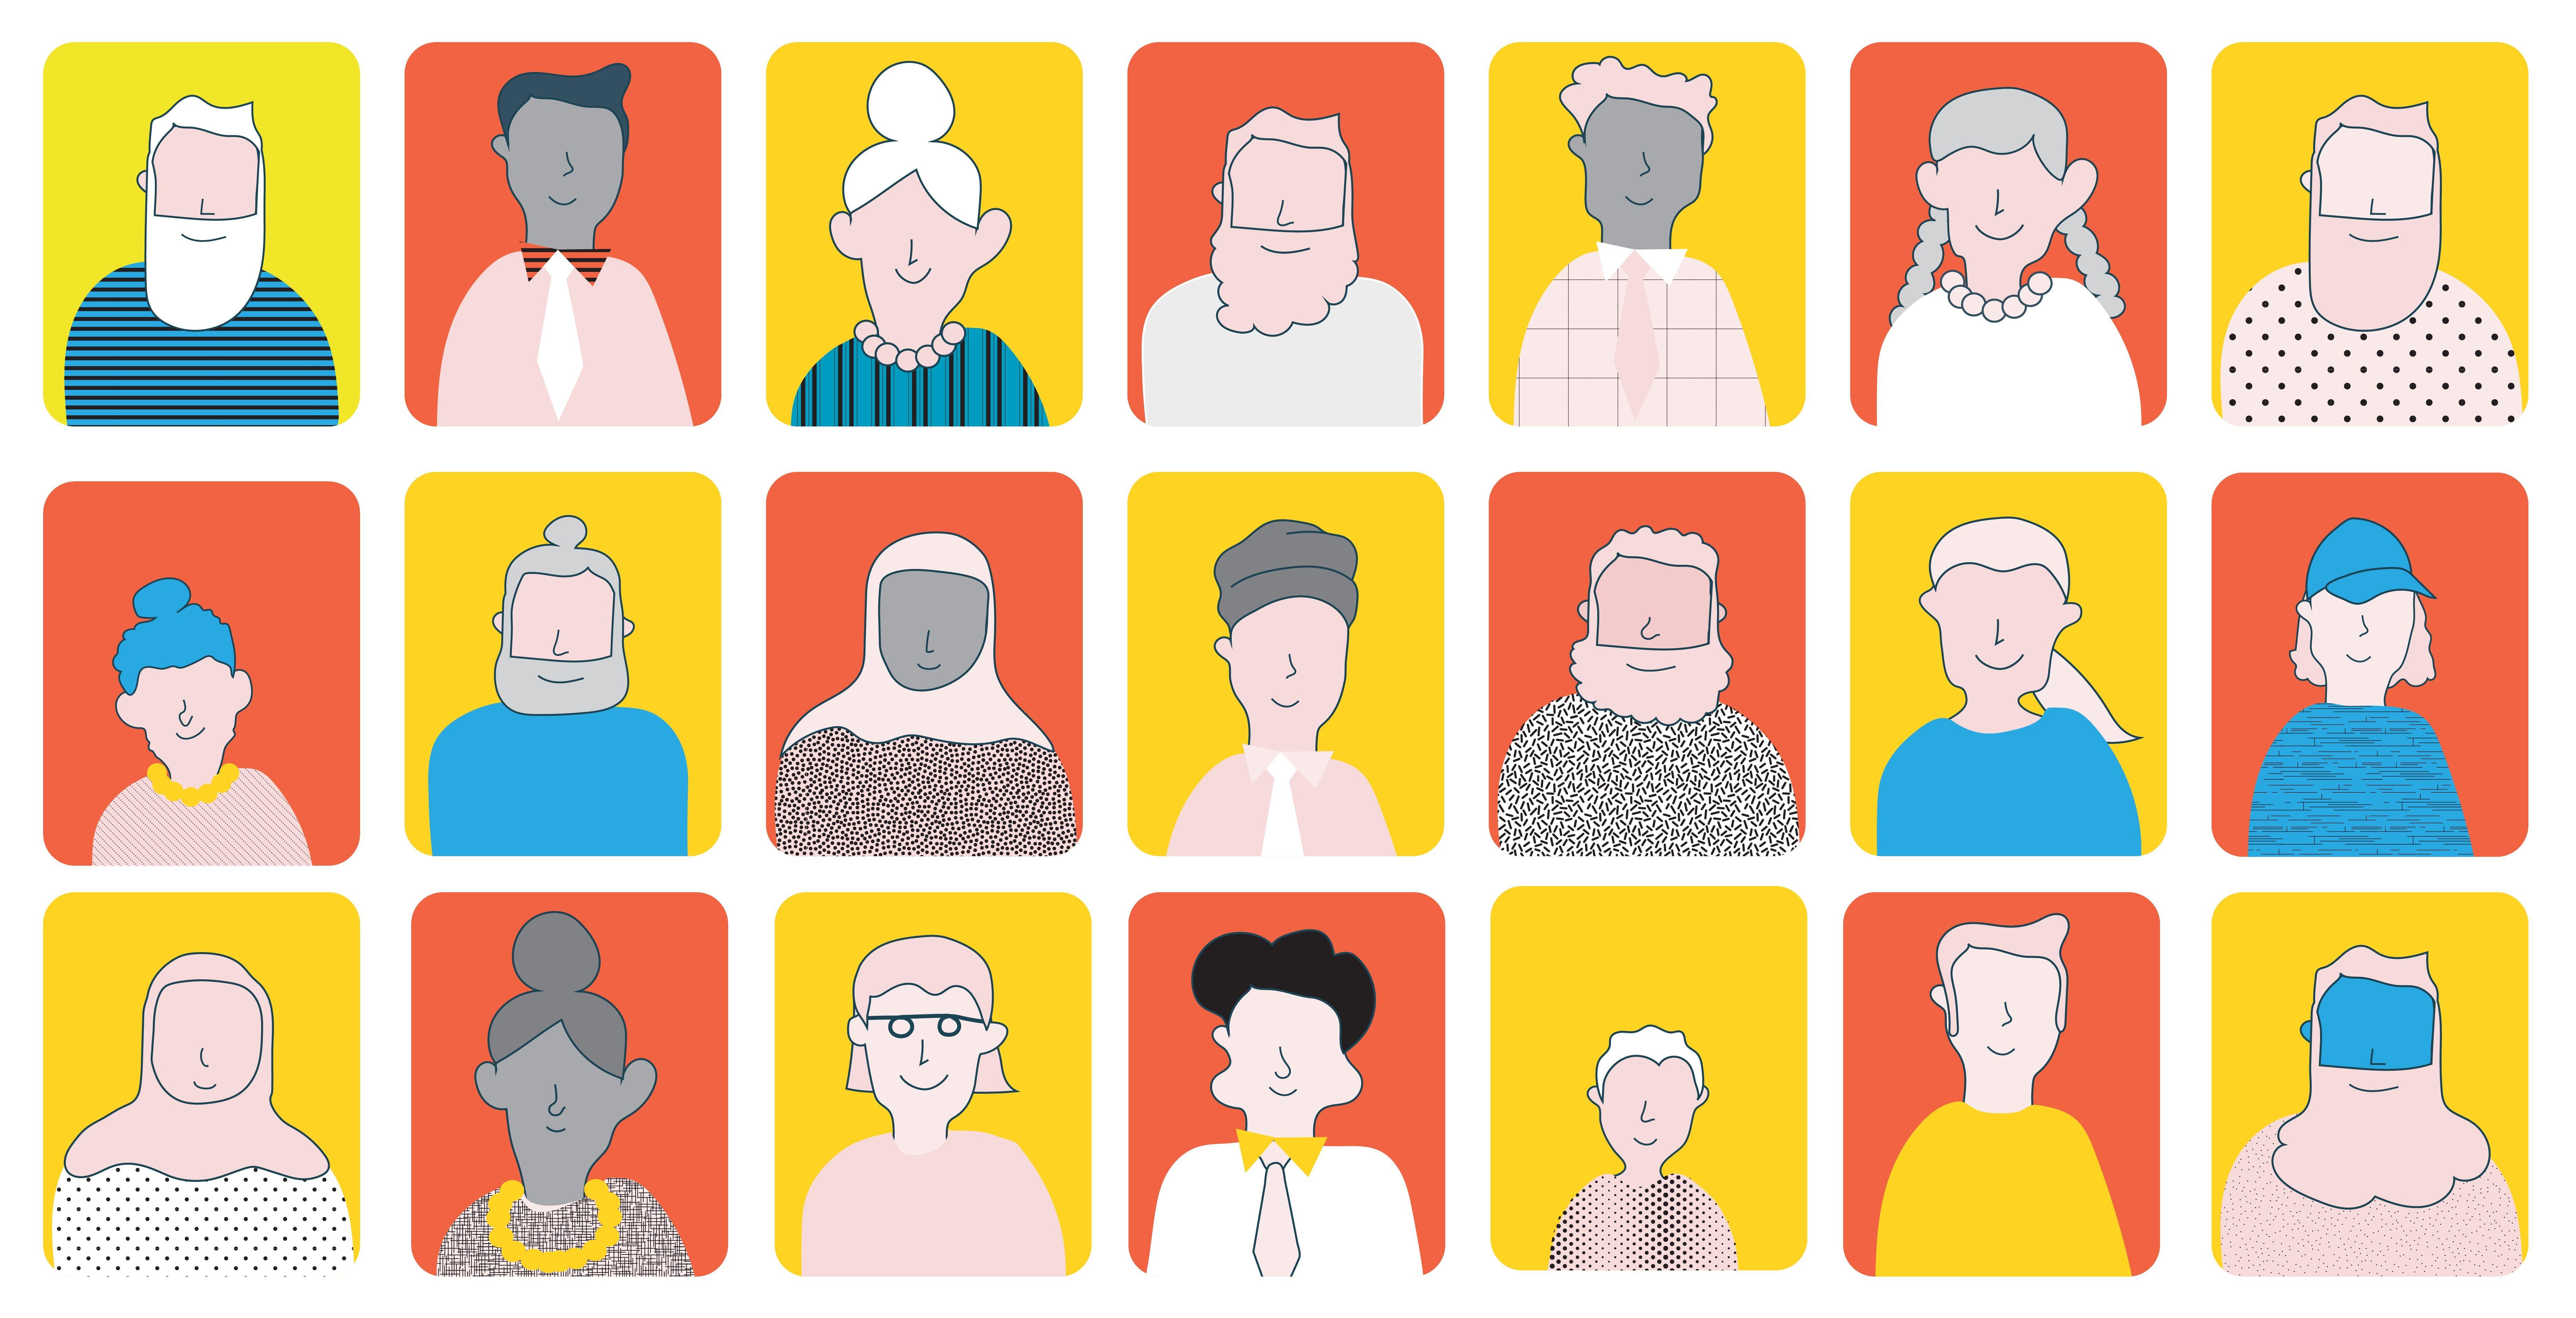 Forskjellige mennesker, tegnet illustrasjon.